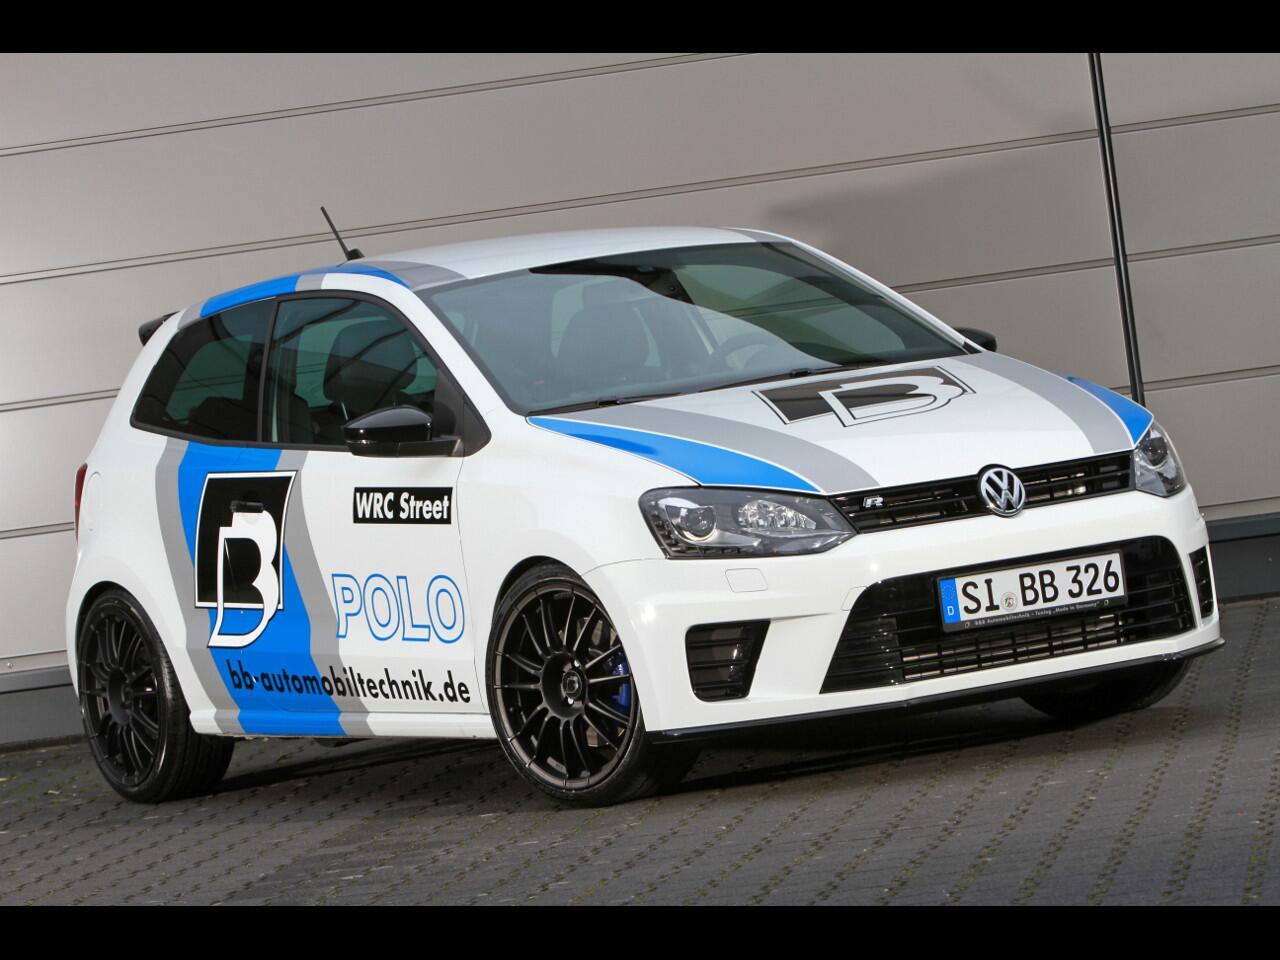 Bild zu Wolf im Schafspelz: VW Polo R WRC Street von B